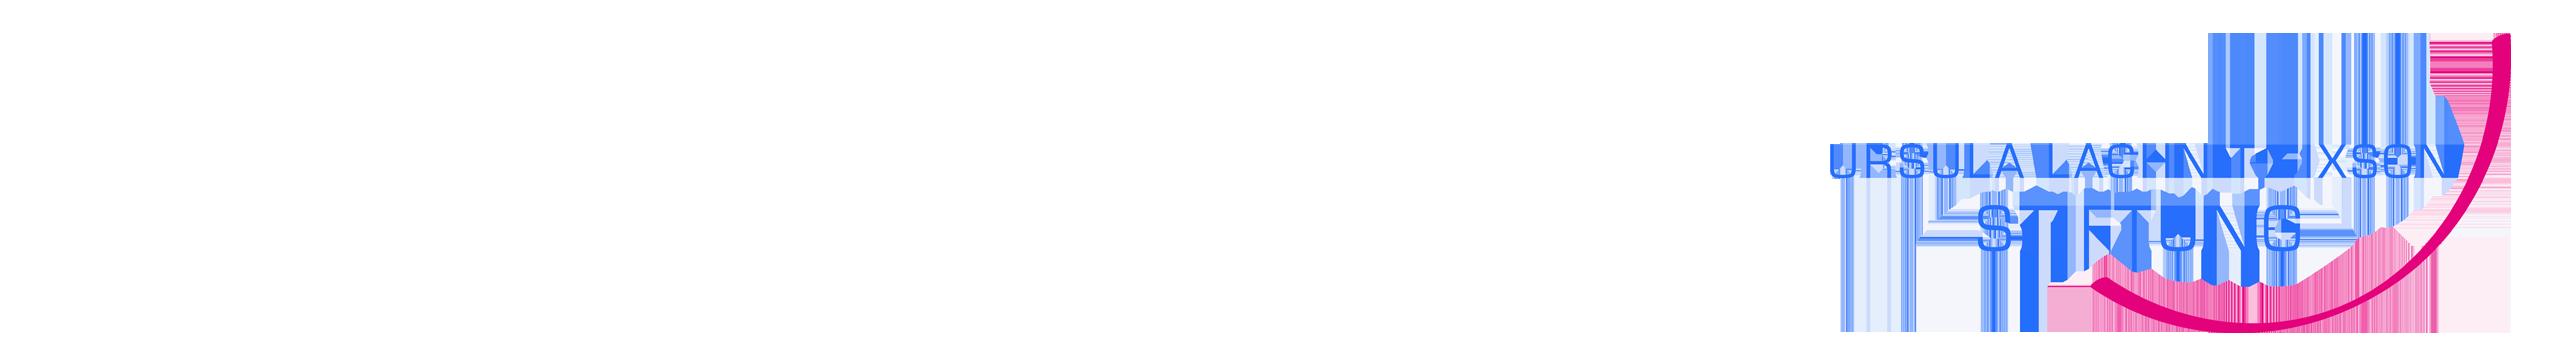 Ursula Lachnit-Fixson Stiftung